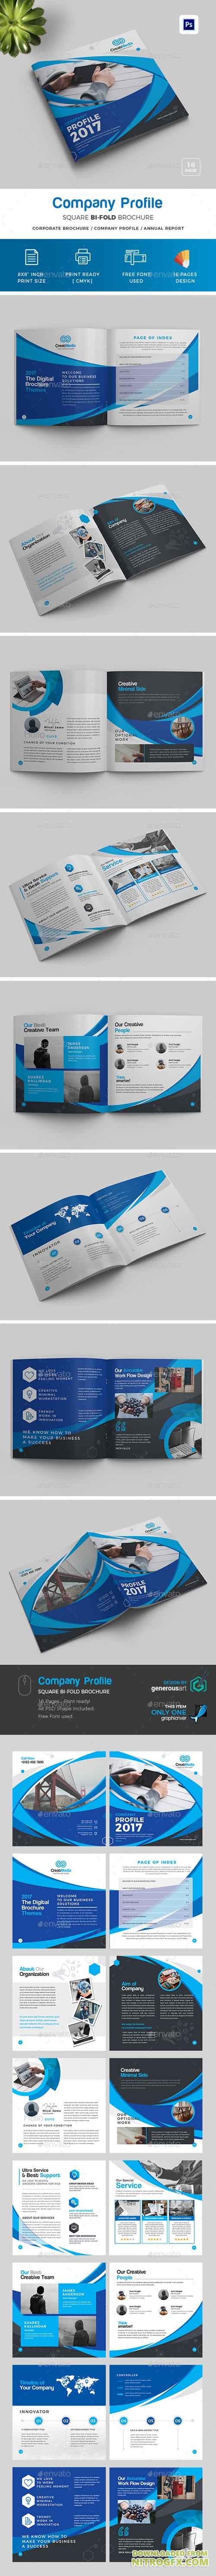 GraphicRiver - Square Bi-Fold Brochure 20688217